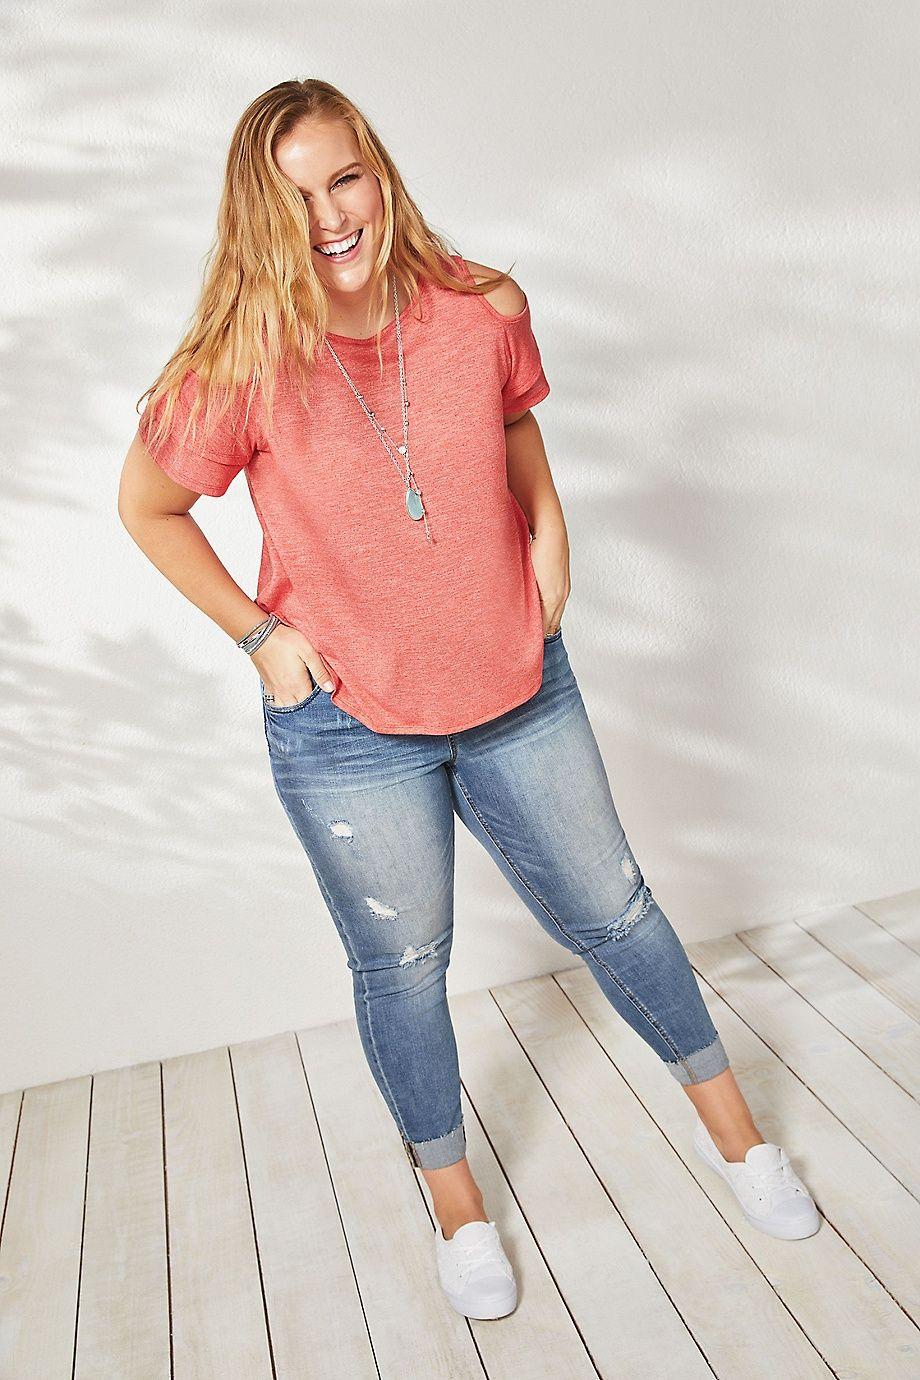 Как правильно подобрать идеальные джинсы для полных